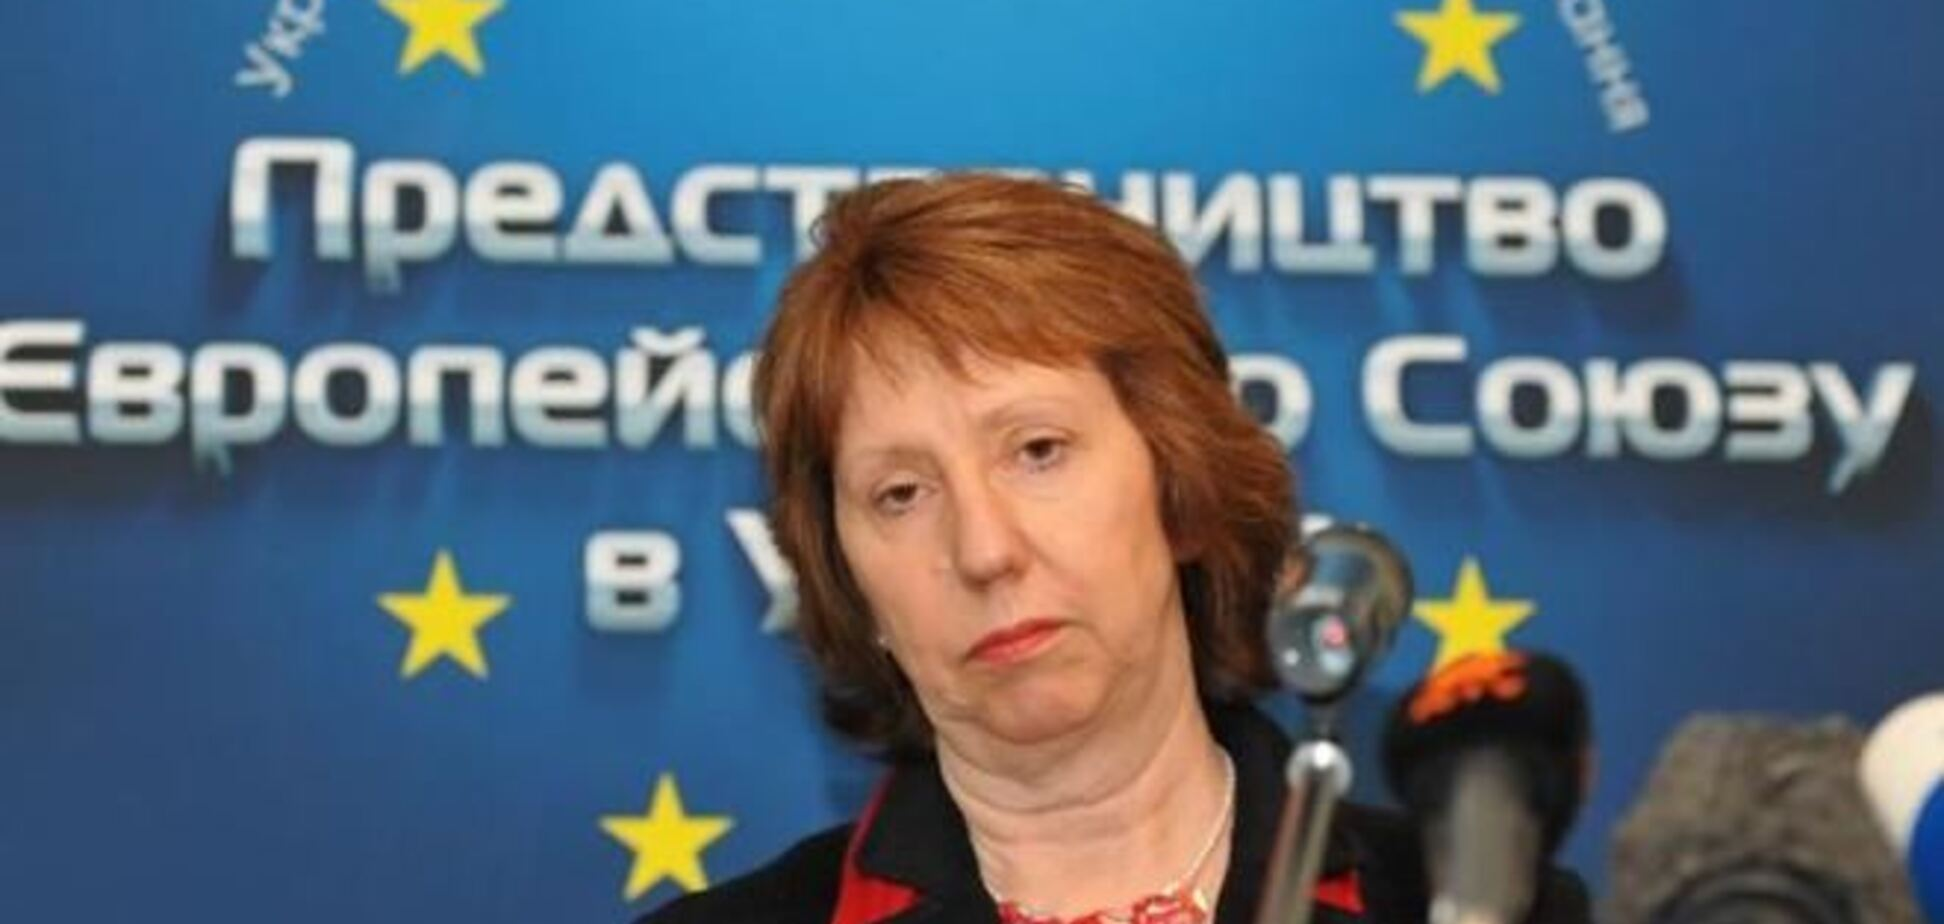 Ештон виступила за ненасильницький рішення конфлікту з сепаратистами на сході України